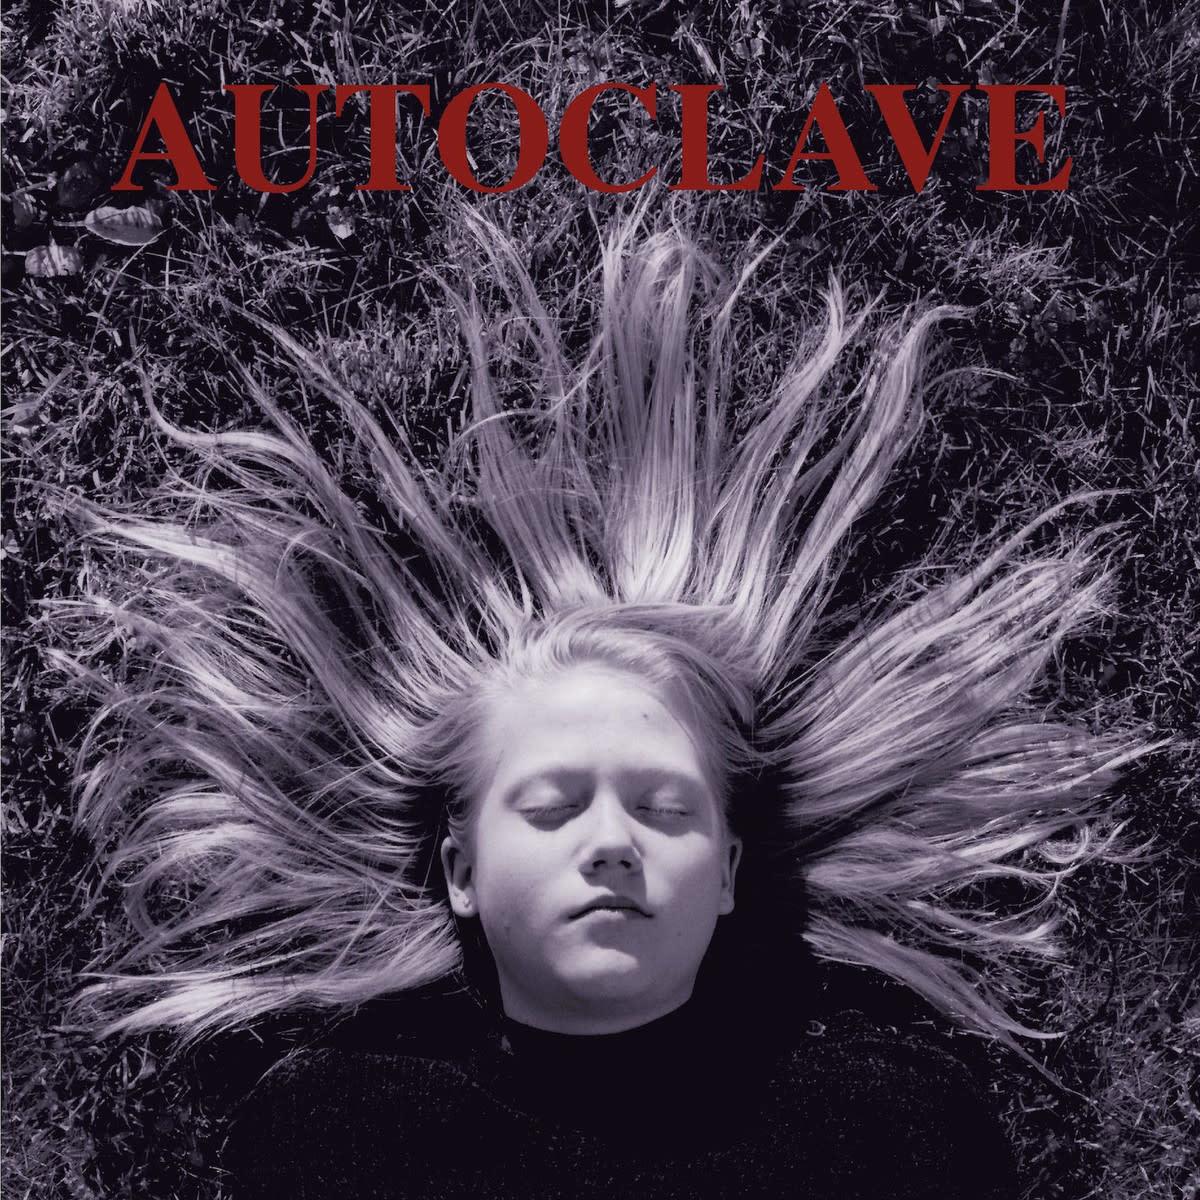 Dischord Records Autoclave - Autoclave